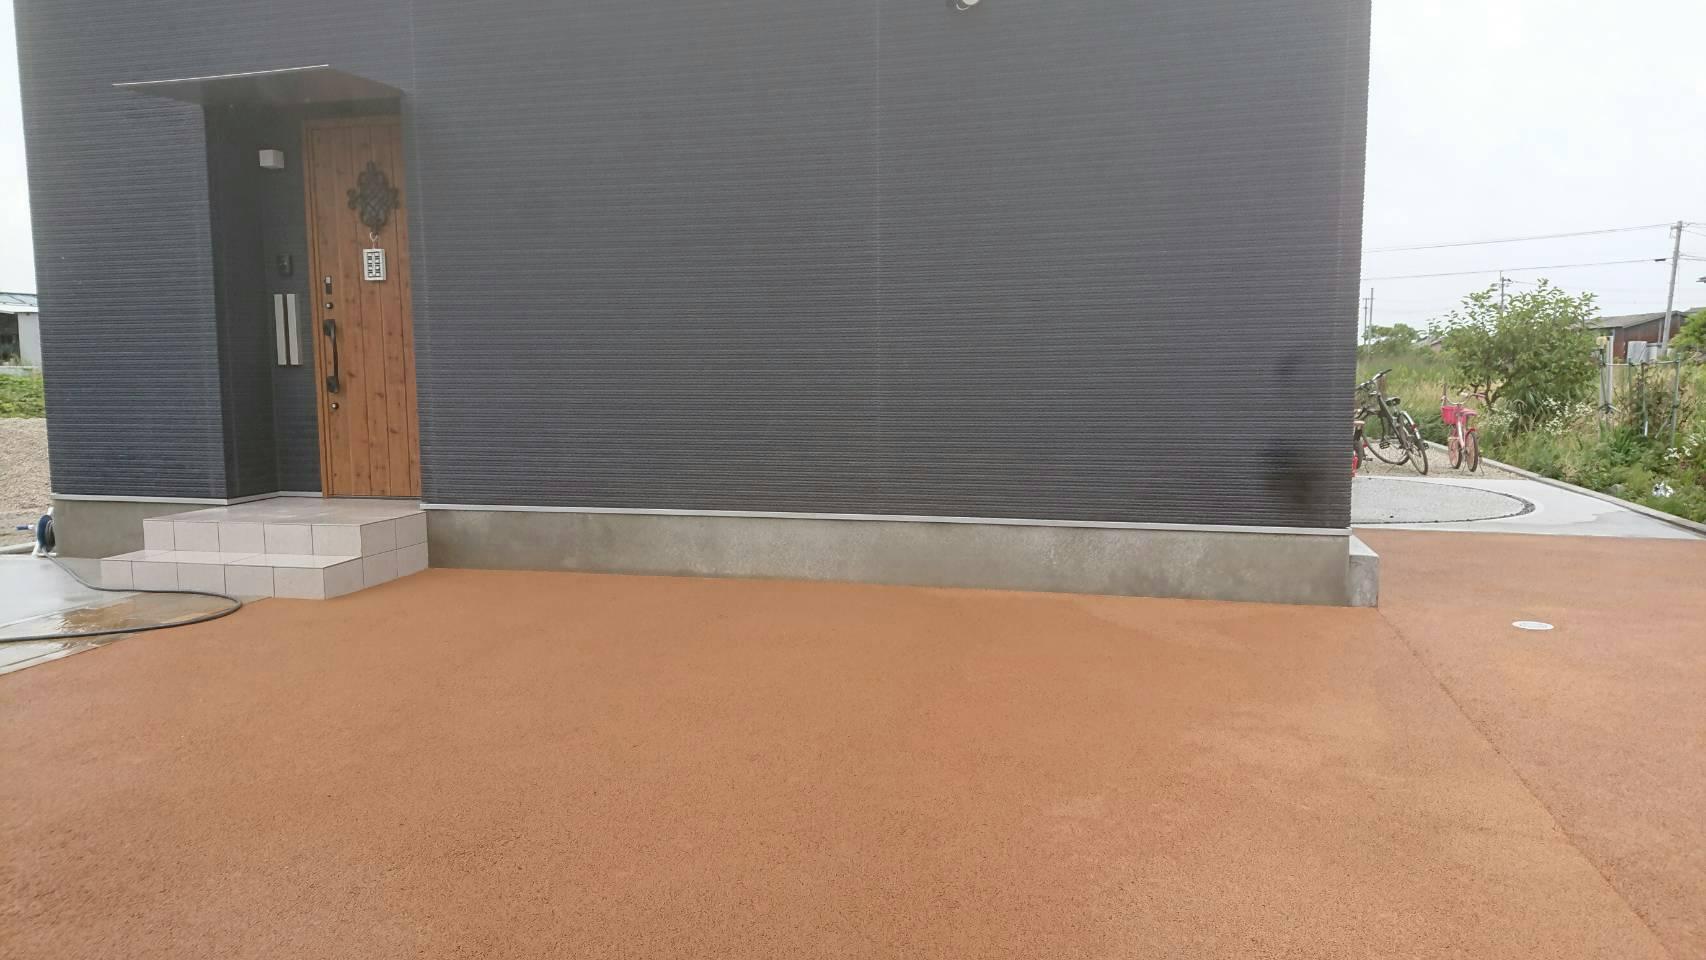 6/13施工 小倉南区 防草工事 家の正面を標準色で施工しました。